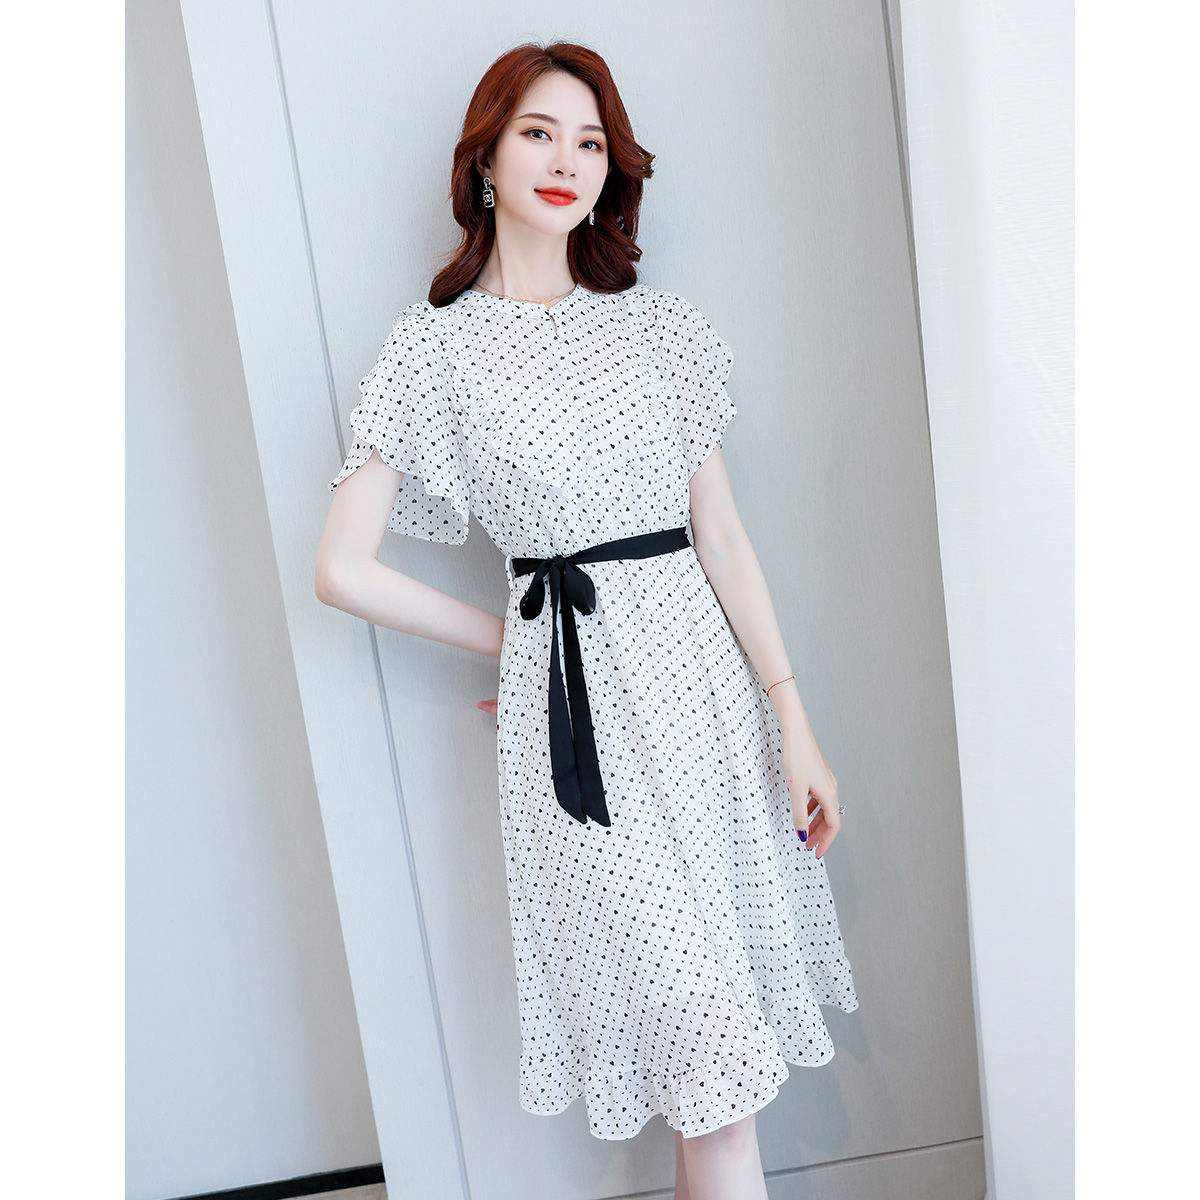 尚静 2020夏季新款连衣裙女小波点气质雪纺连衣裙套装连衣裙